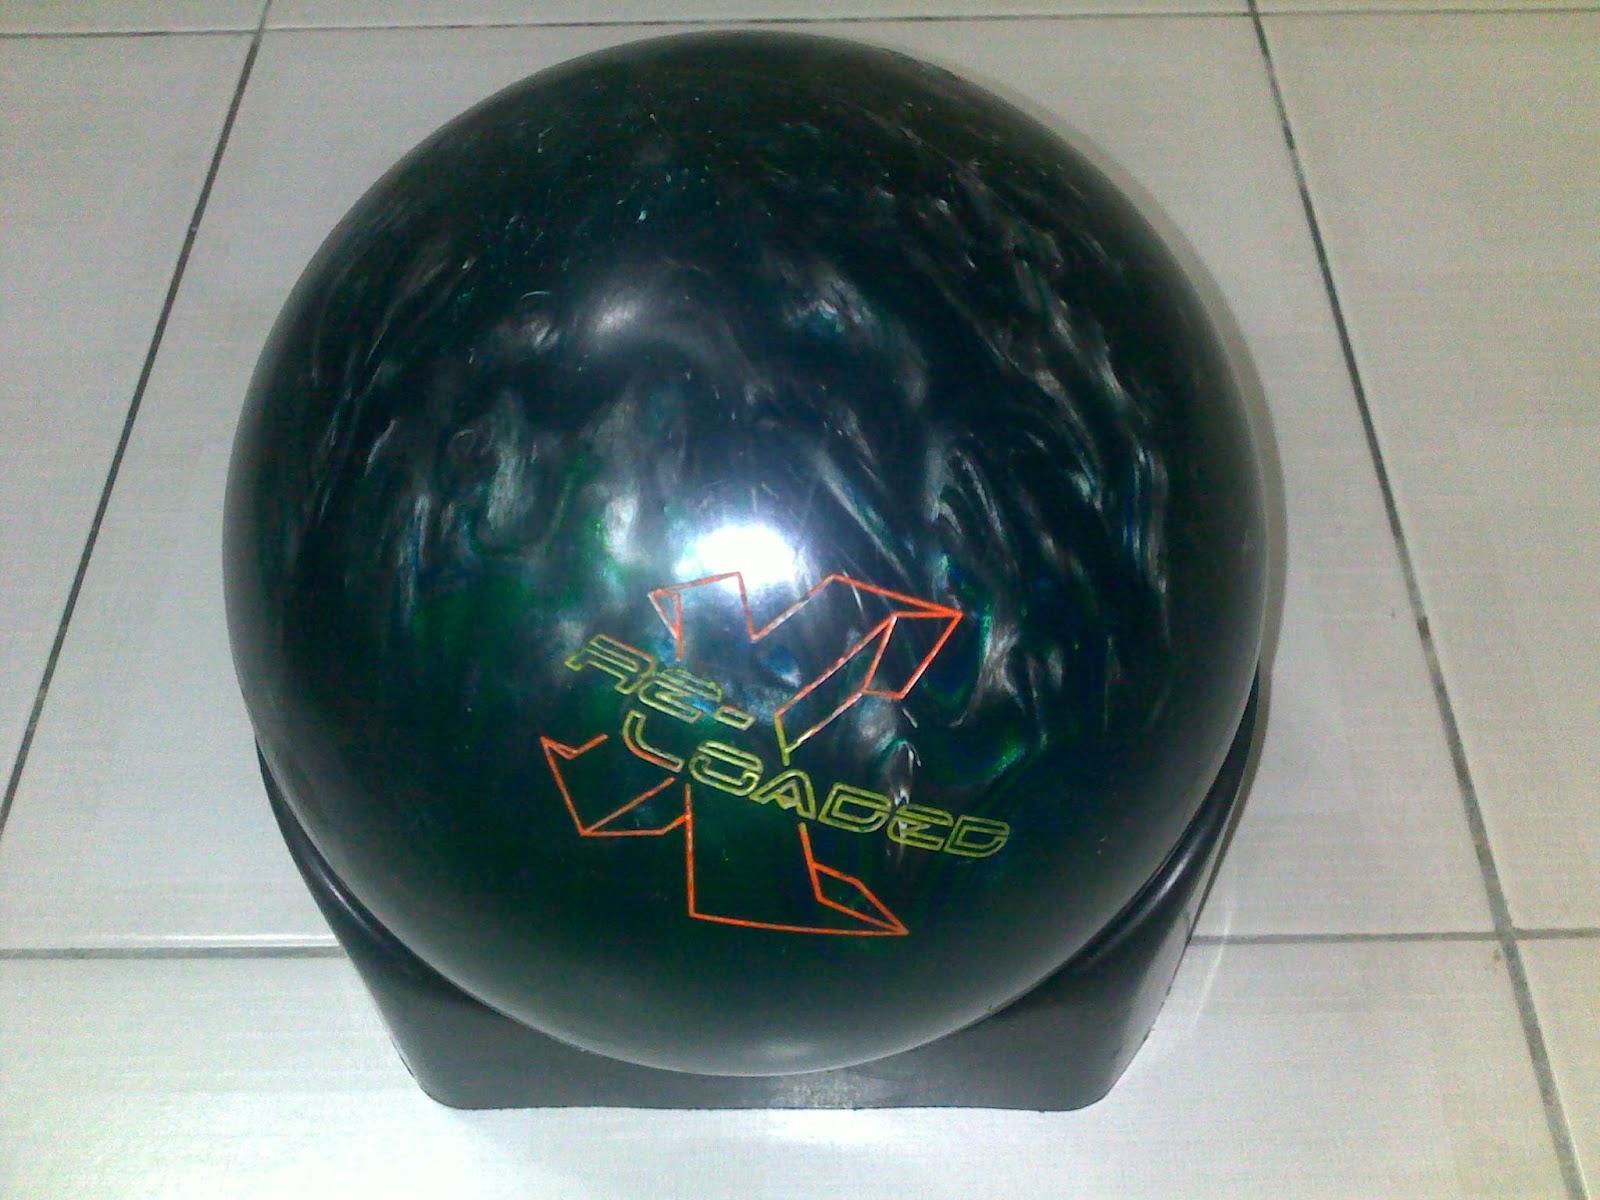 Storm xxx factor bowling ball